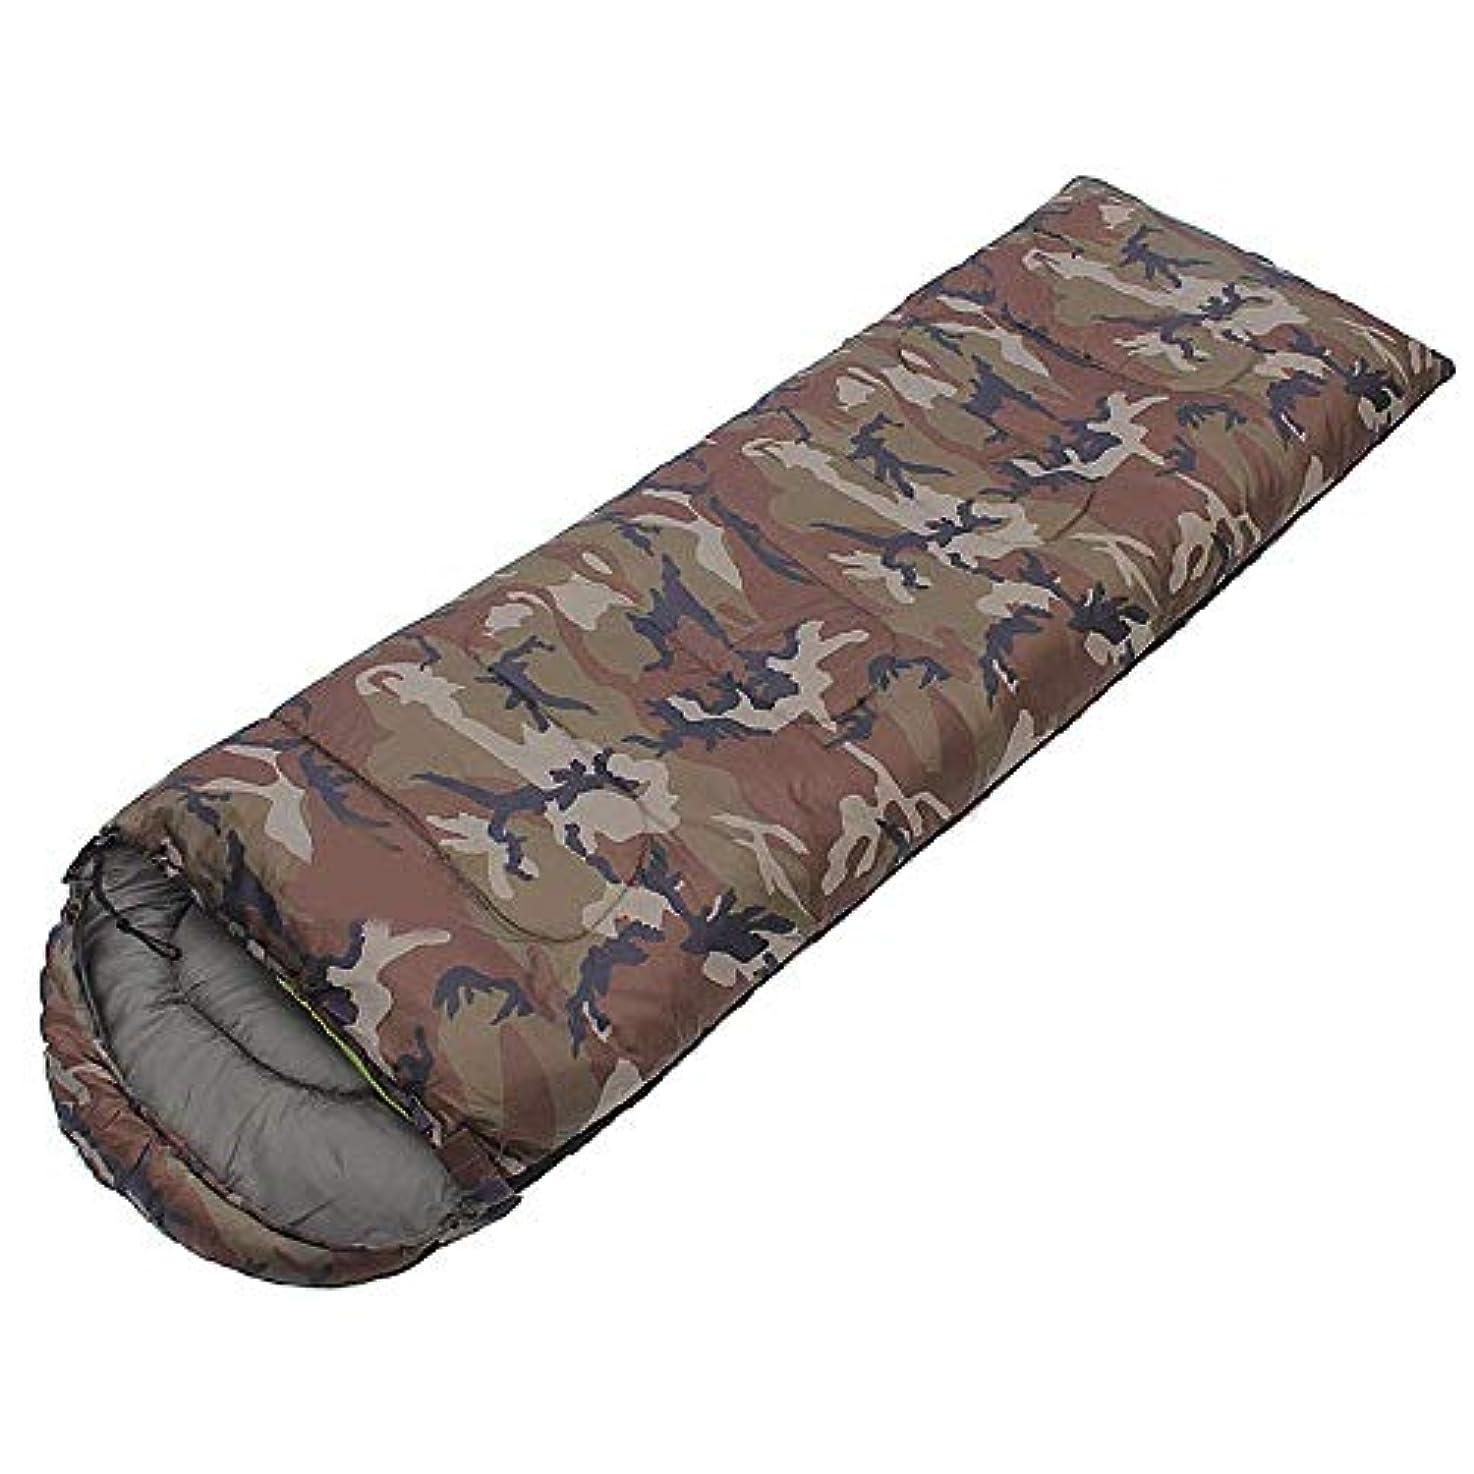 軌道おなじみのかもめ迷彩キャンプ大人の寝袋フード付きコットンライト防水暖かい3-4シーズンエンベロープ屋内用スリーピングパッド屋外旅行ハイキングアクティビティ